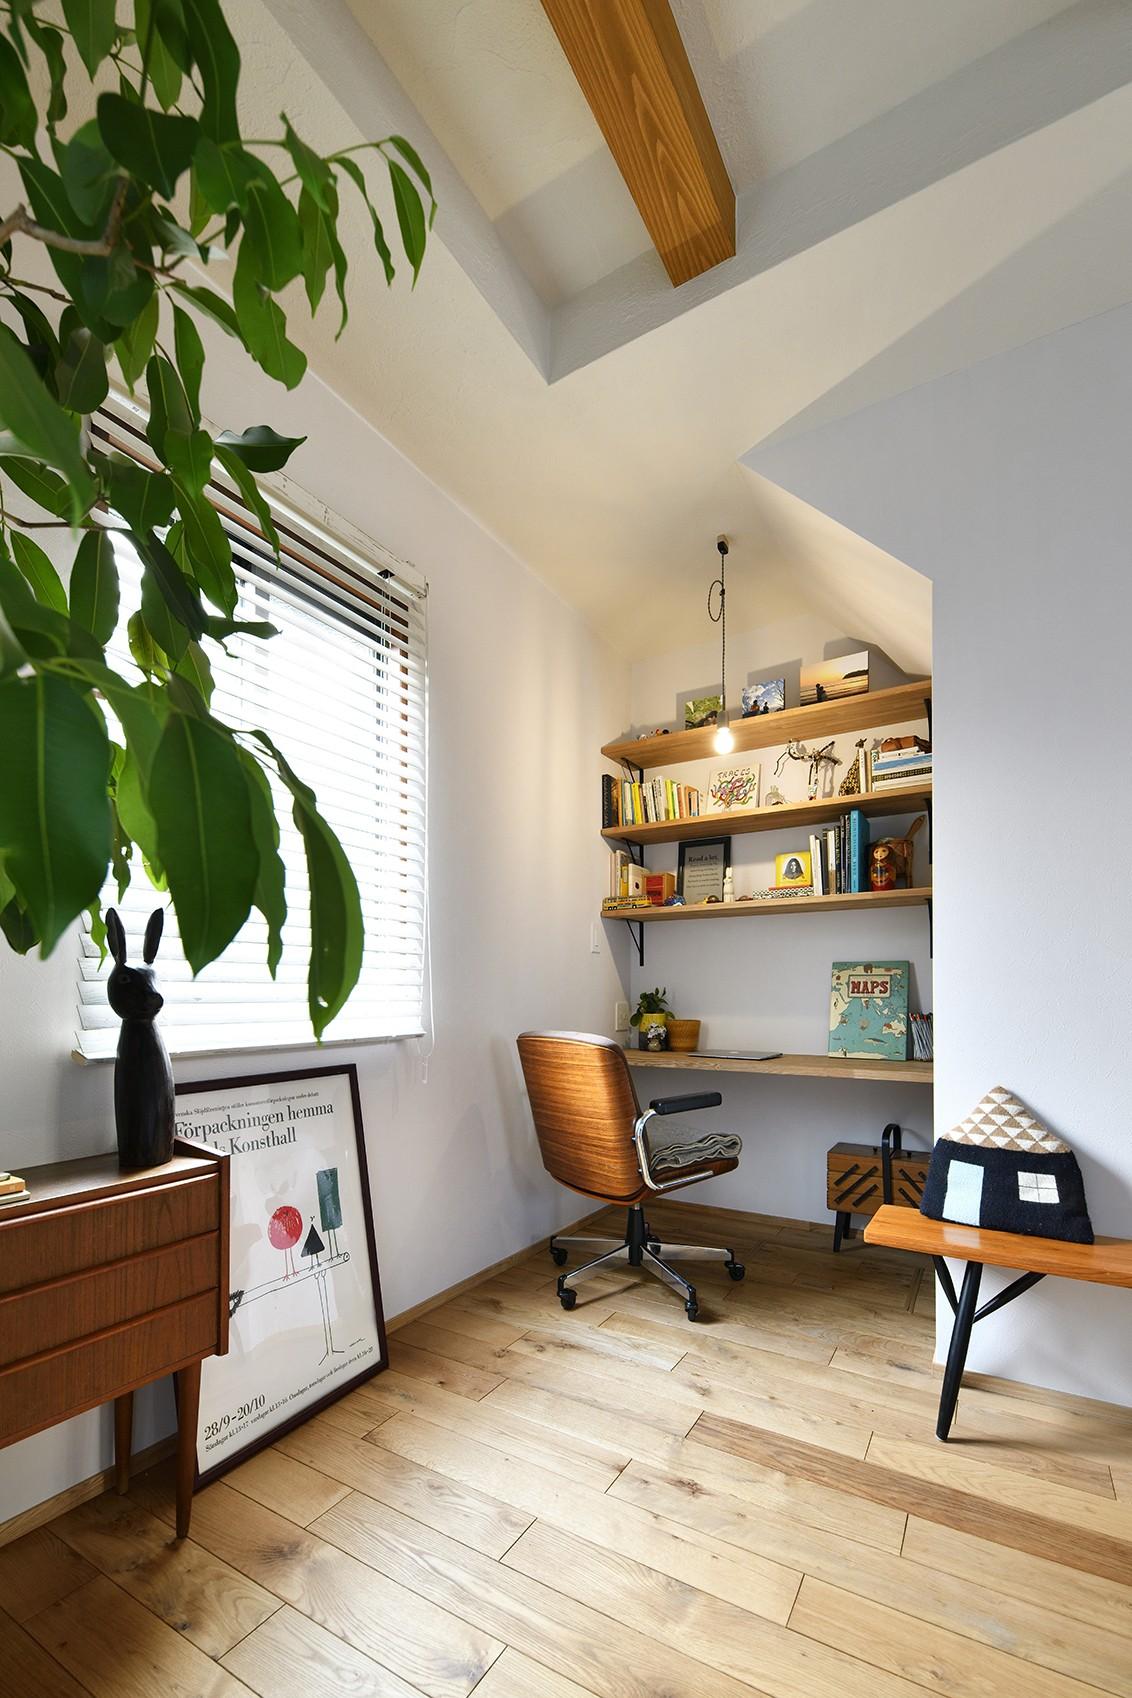 書斎事例:可愛い三角屋根のワークスペース(新しい家は体にやさしい自然素材)